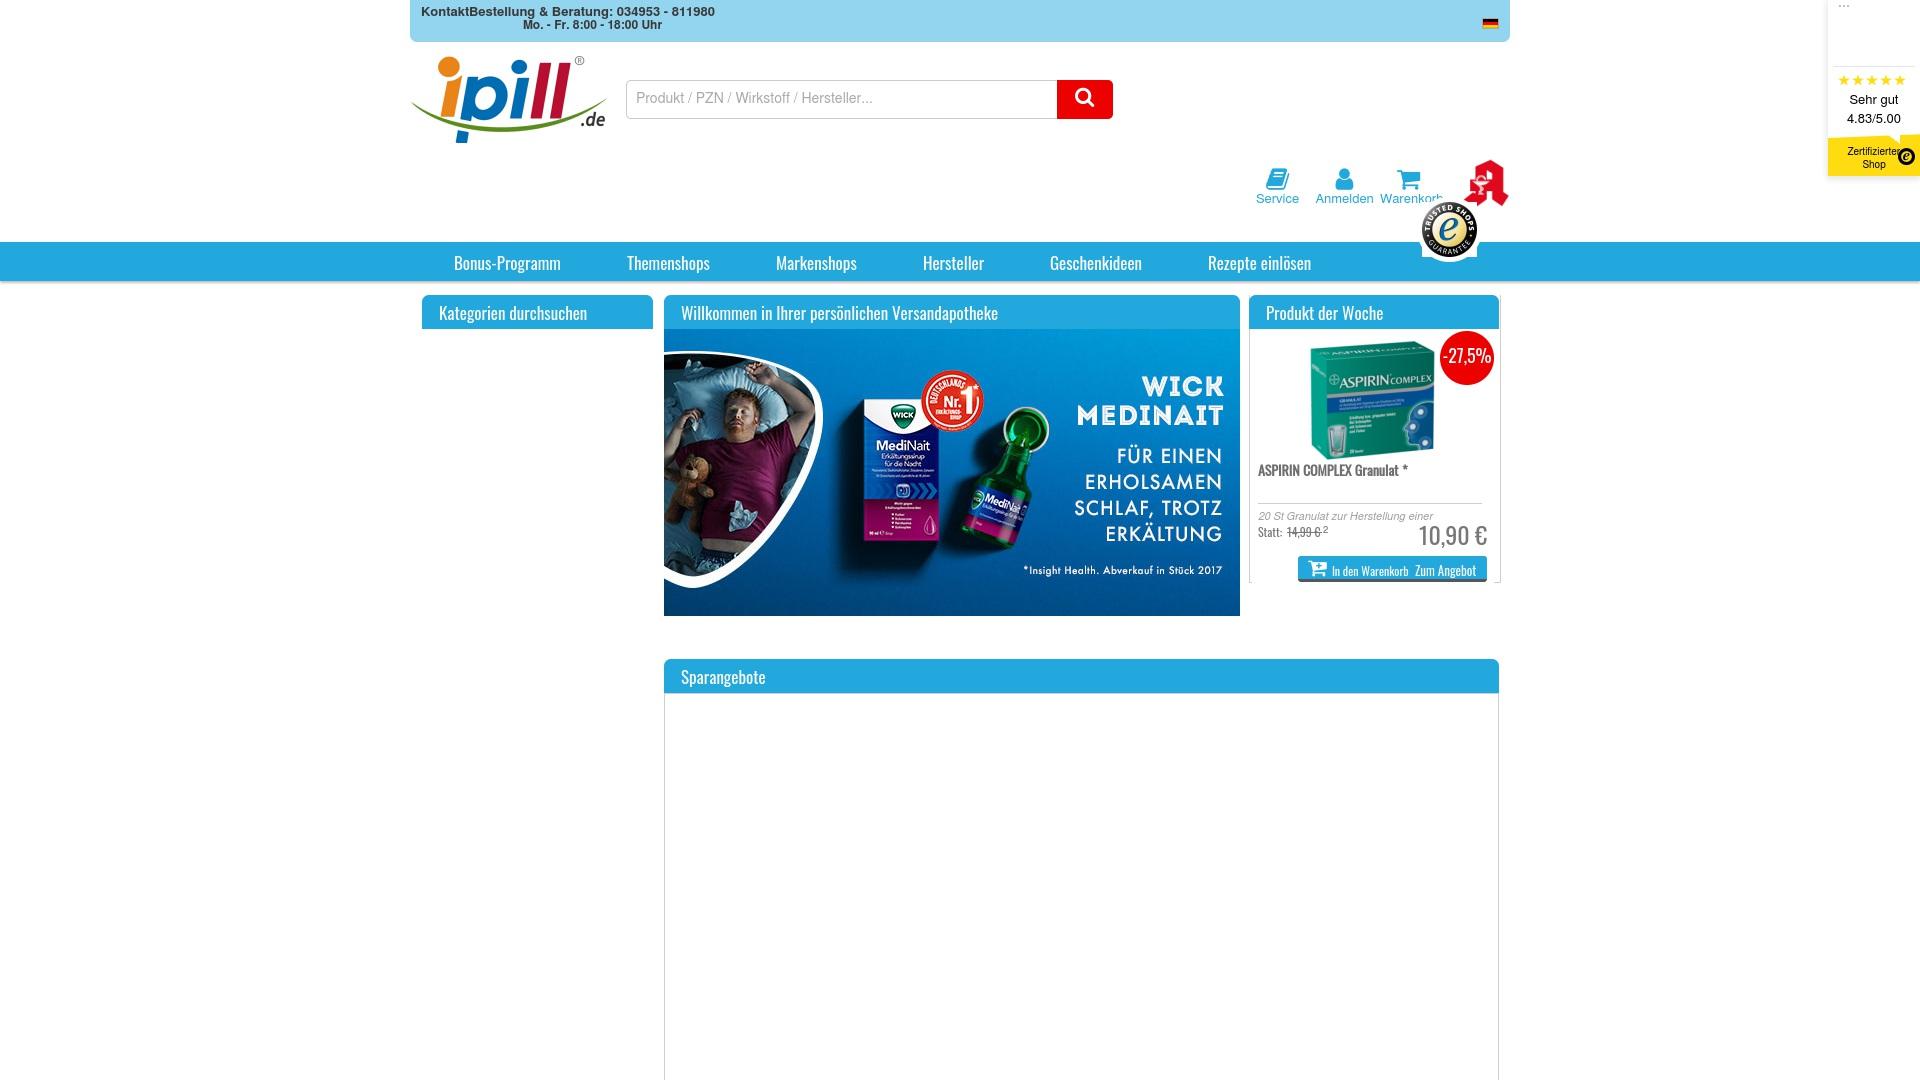 Geld zurück bei Ipill: Jetzt im Oktober 2021 Cashback für Ipill sichern